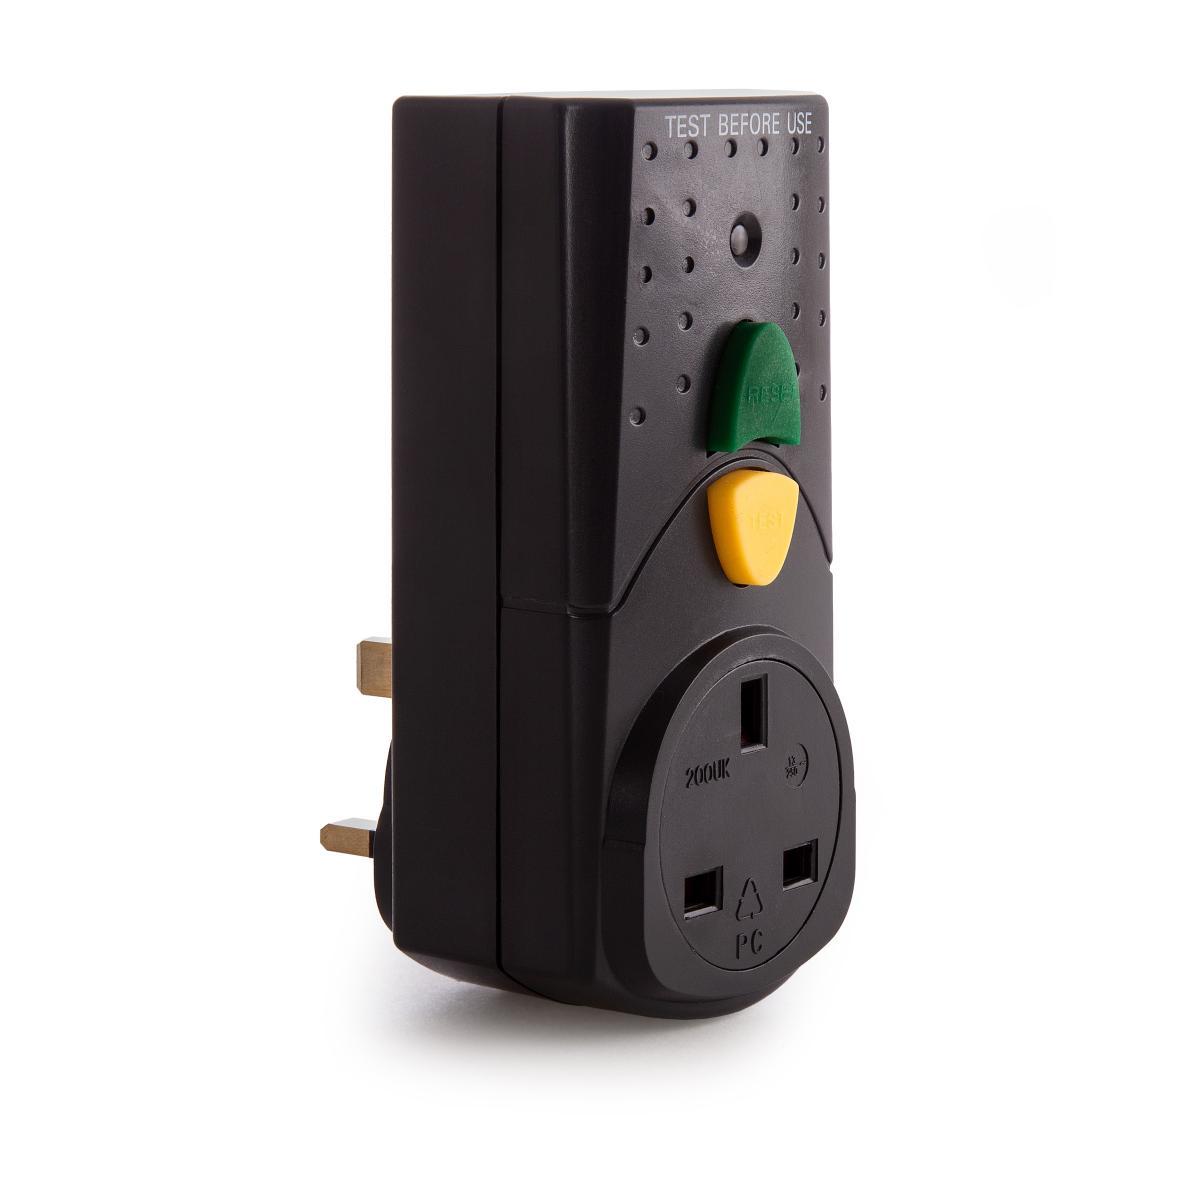 SMJ Power Breaker RCD Adaptor RCDAWC – Now Only £8.00